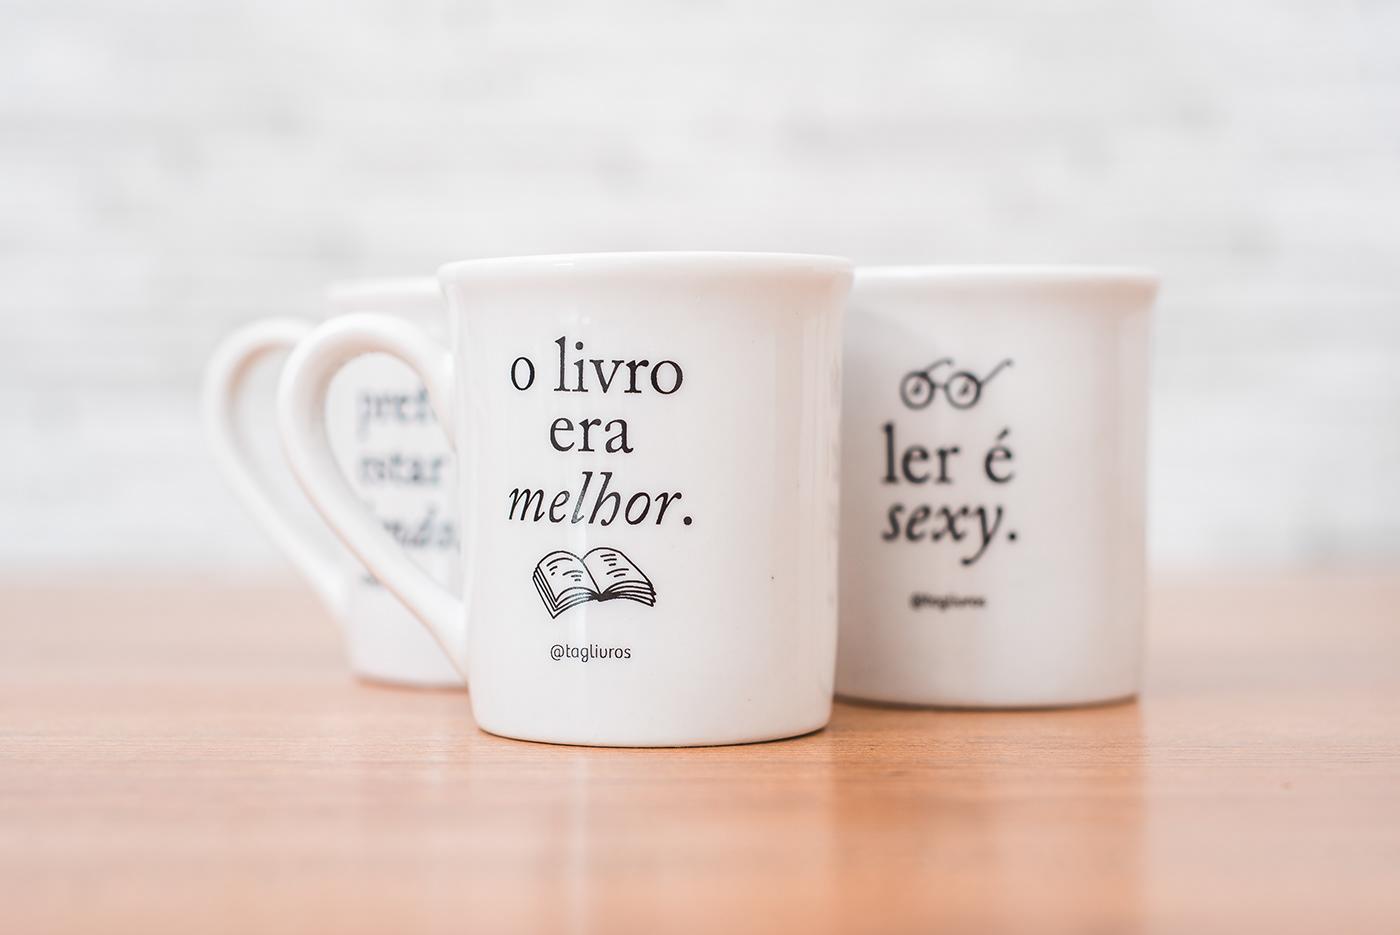 amo livros book lover book worm caneca LIVROS Mugs tag livros